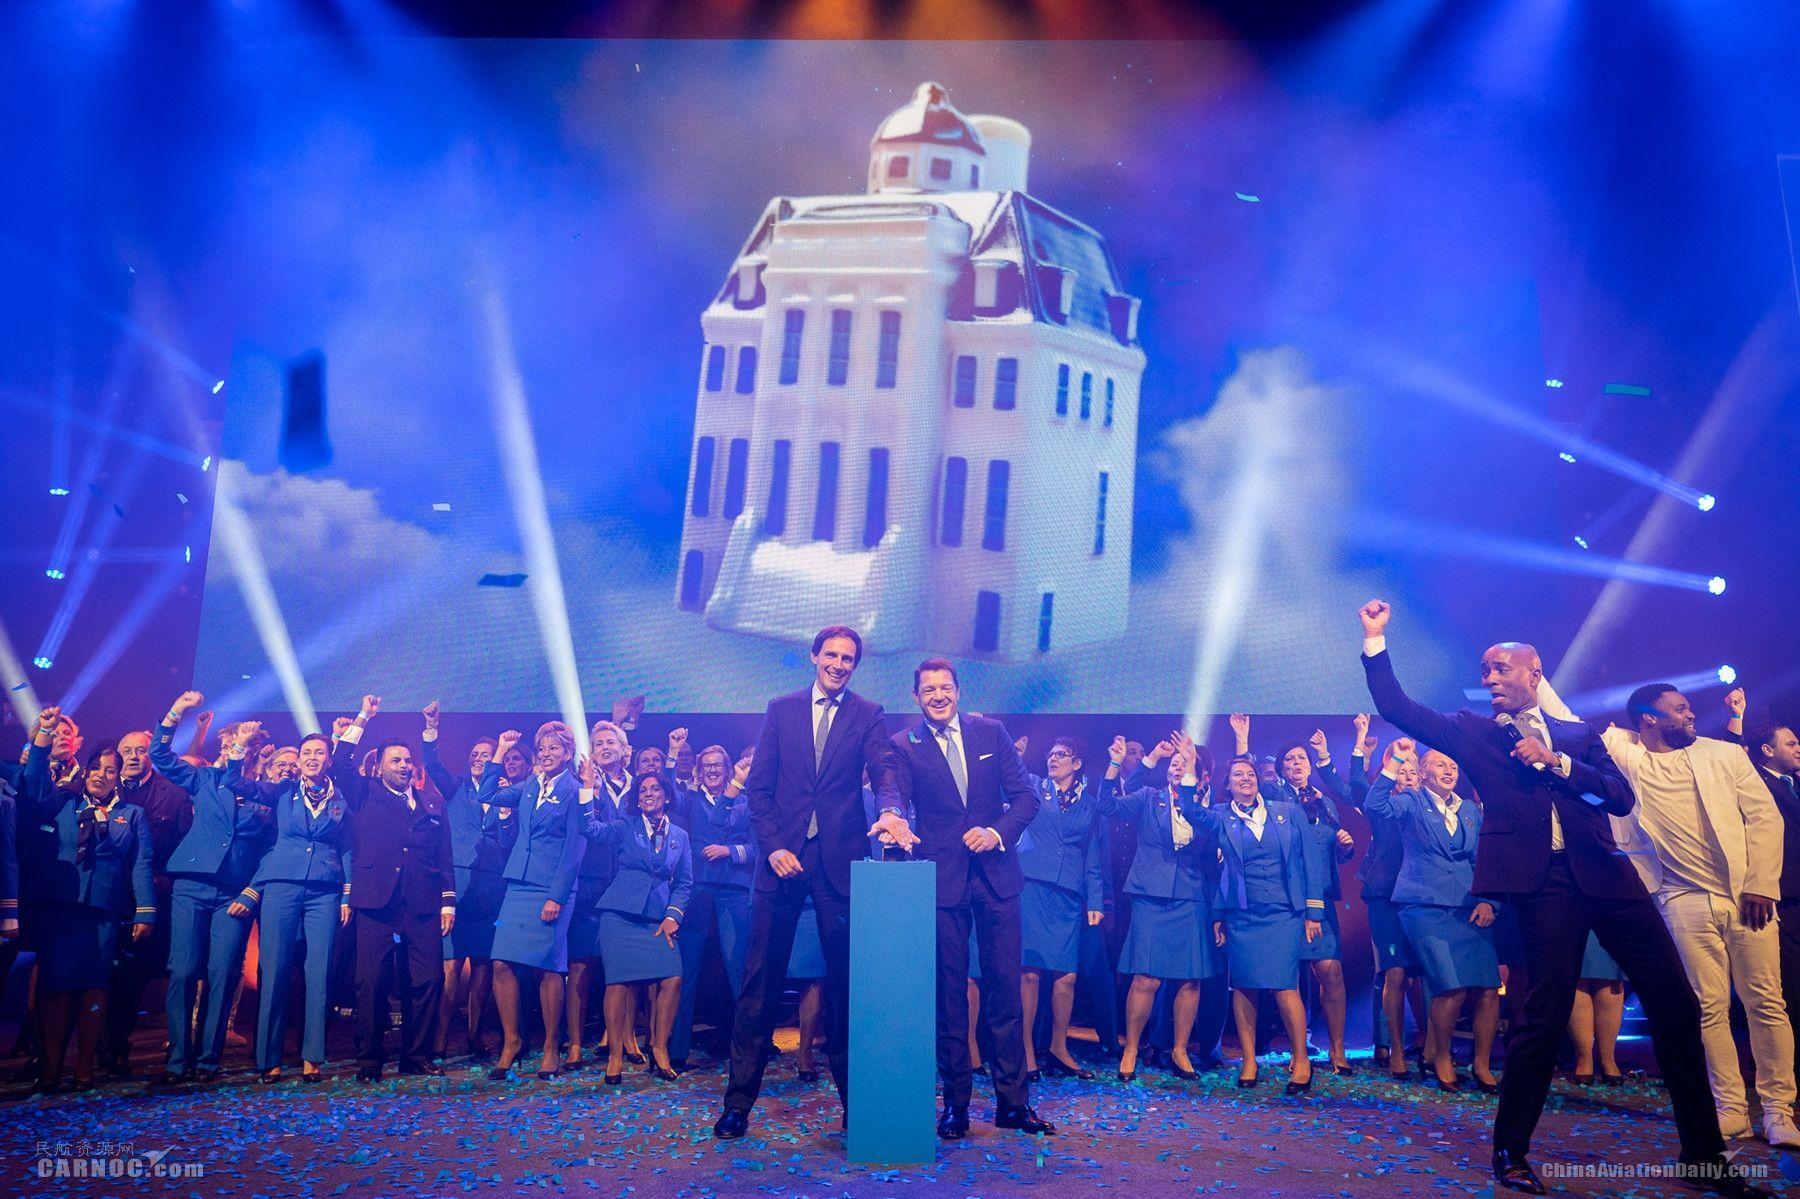 荷航庆祝成立100周年 推出第100号代尔夫特蓝陶微缩小屋